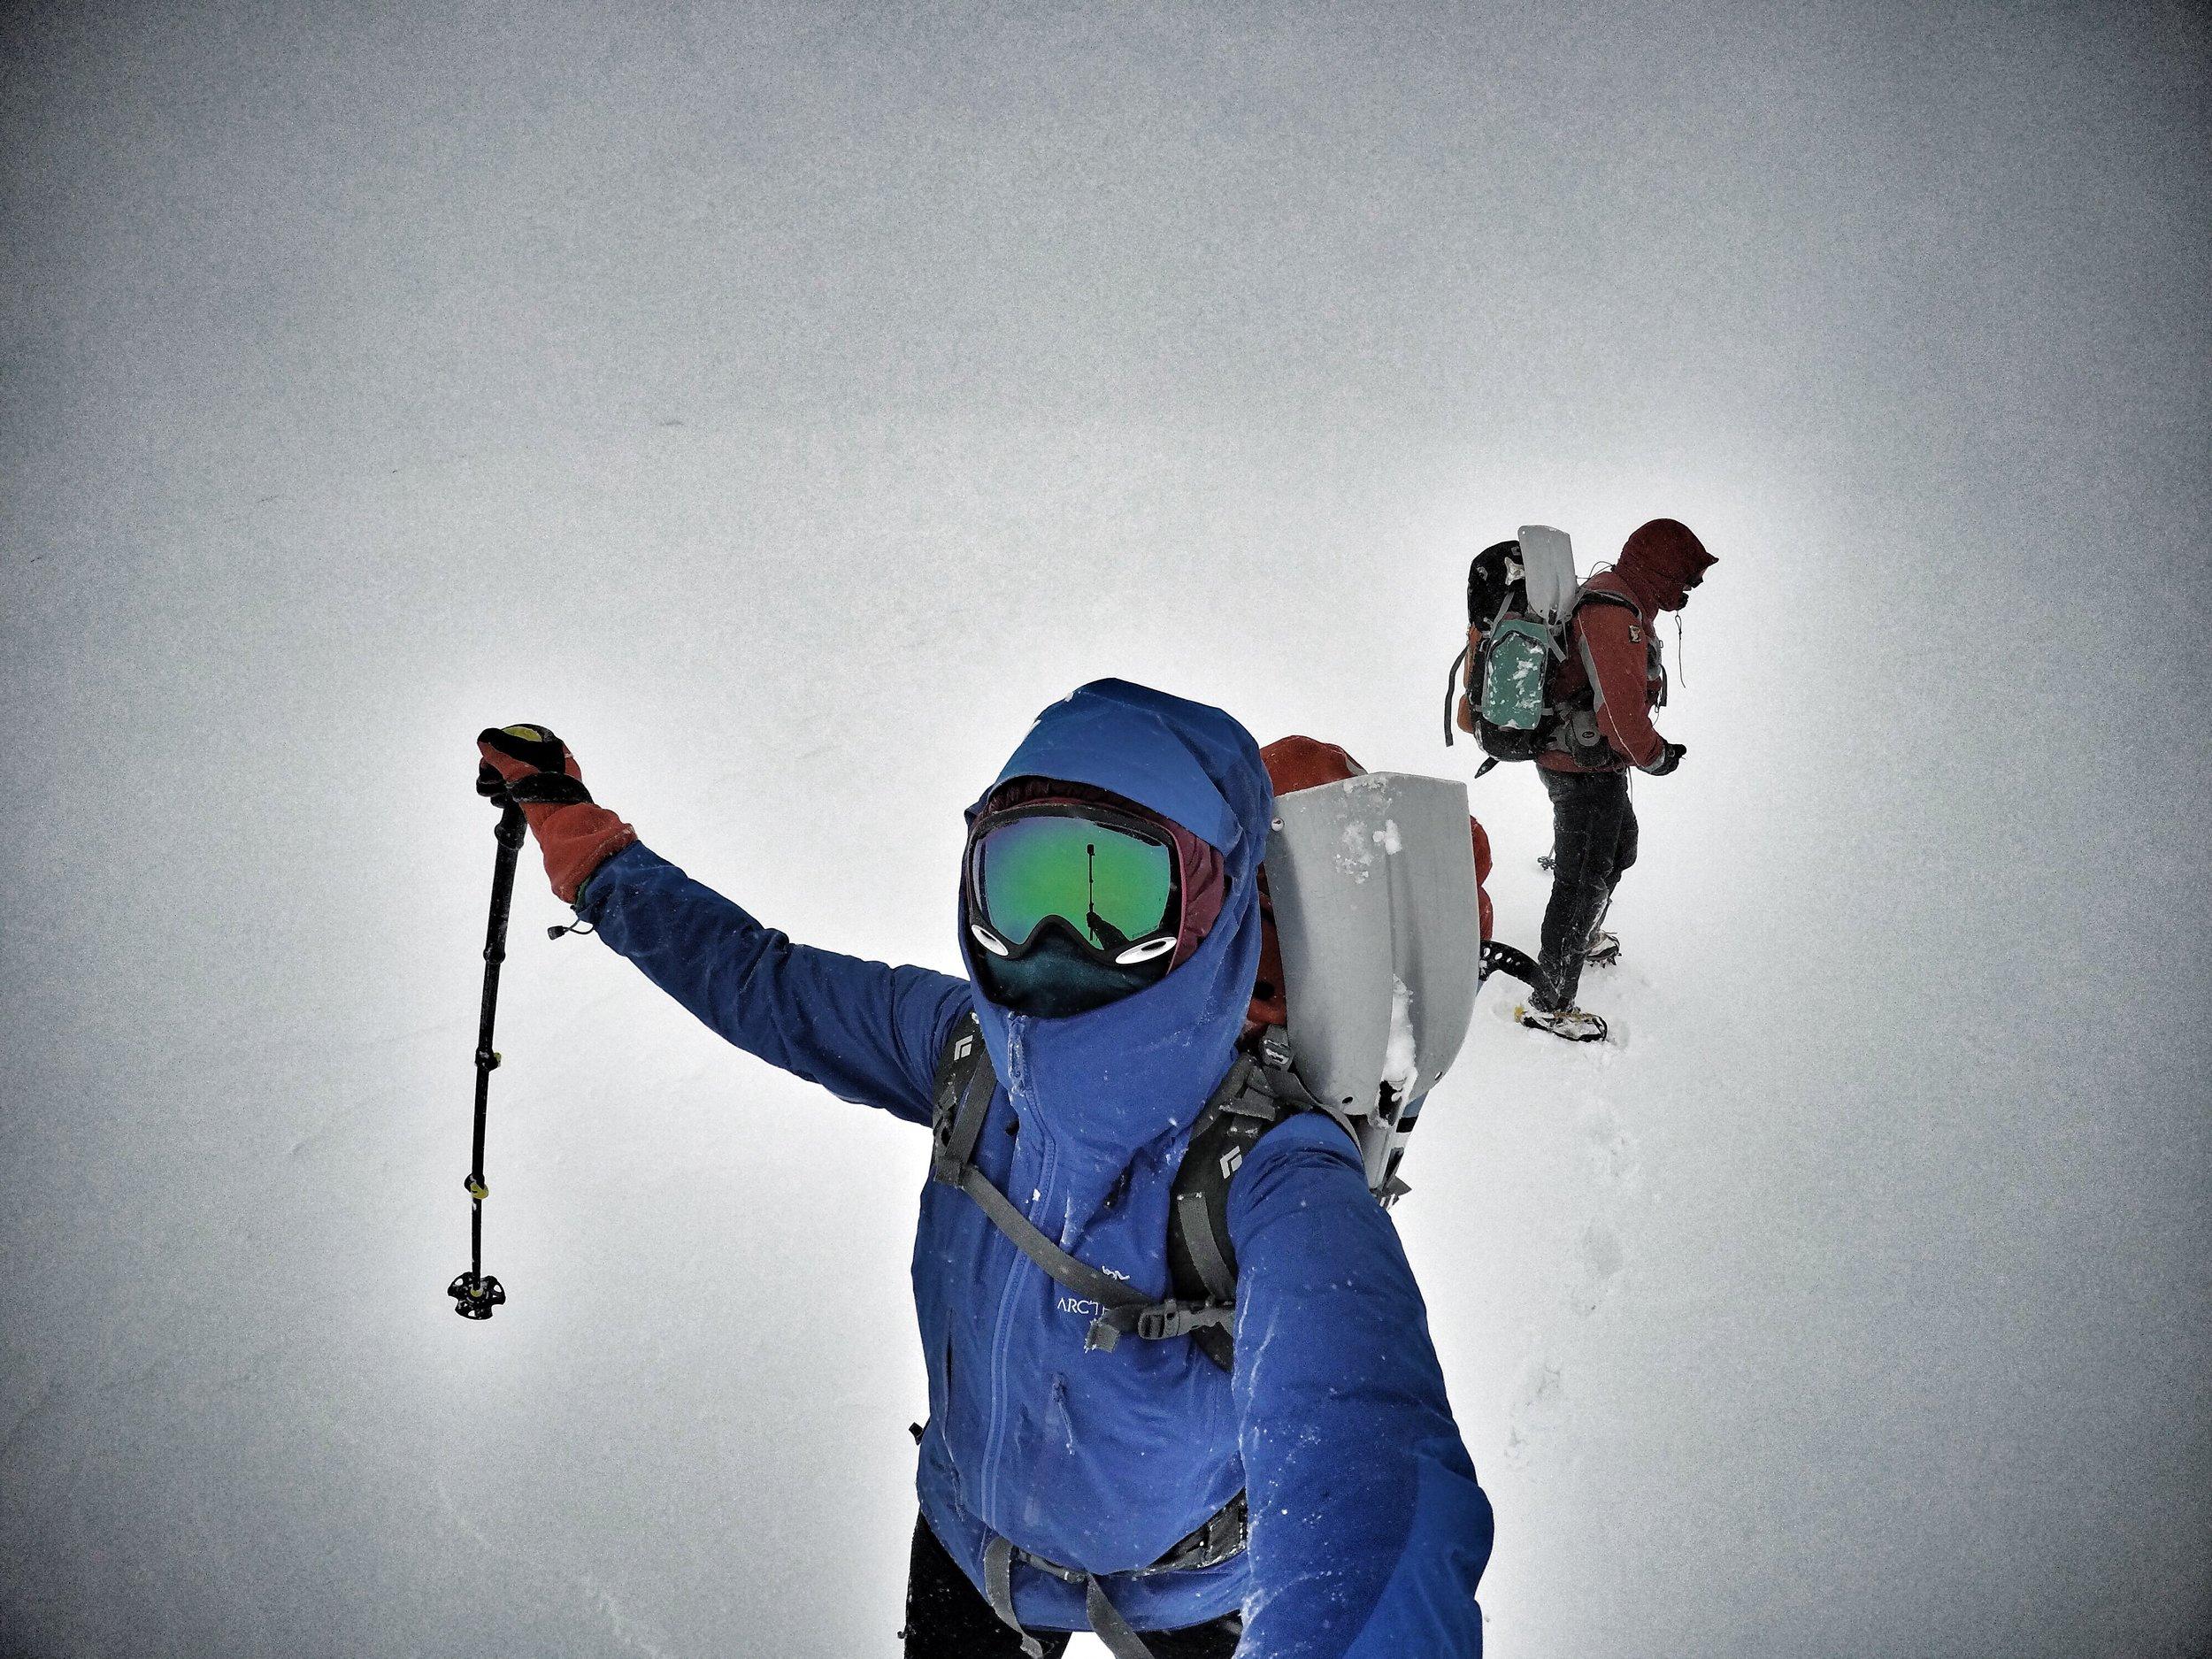 building a snow cave, scotland, cairngorms sophie radcliffe  adventure